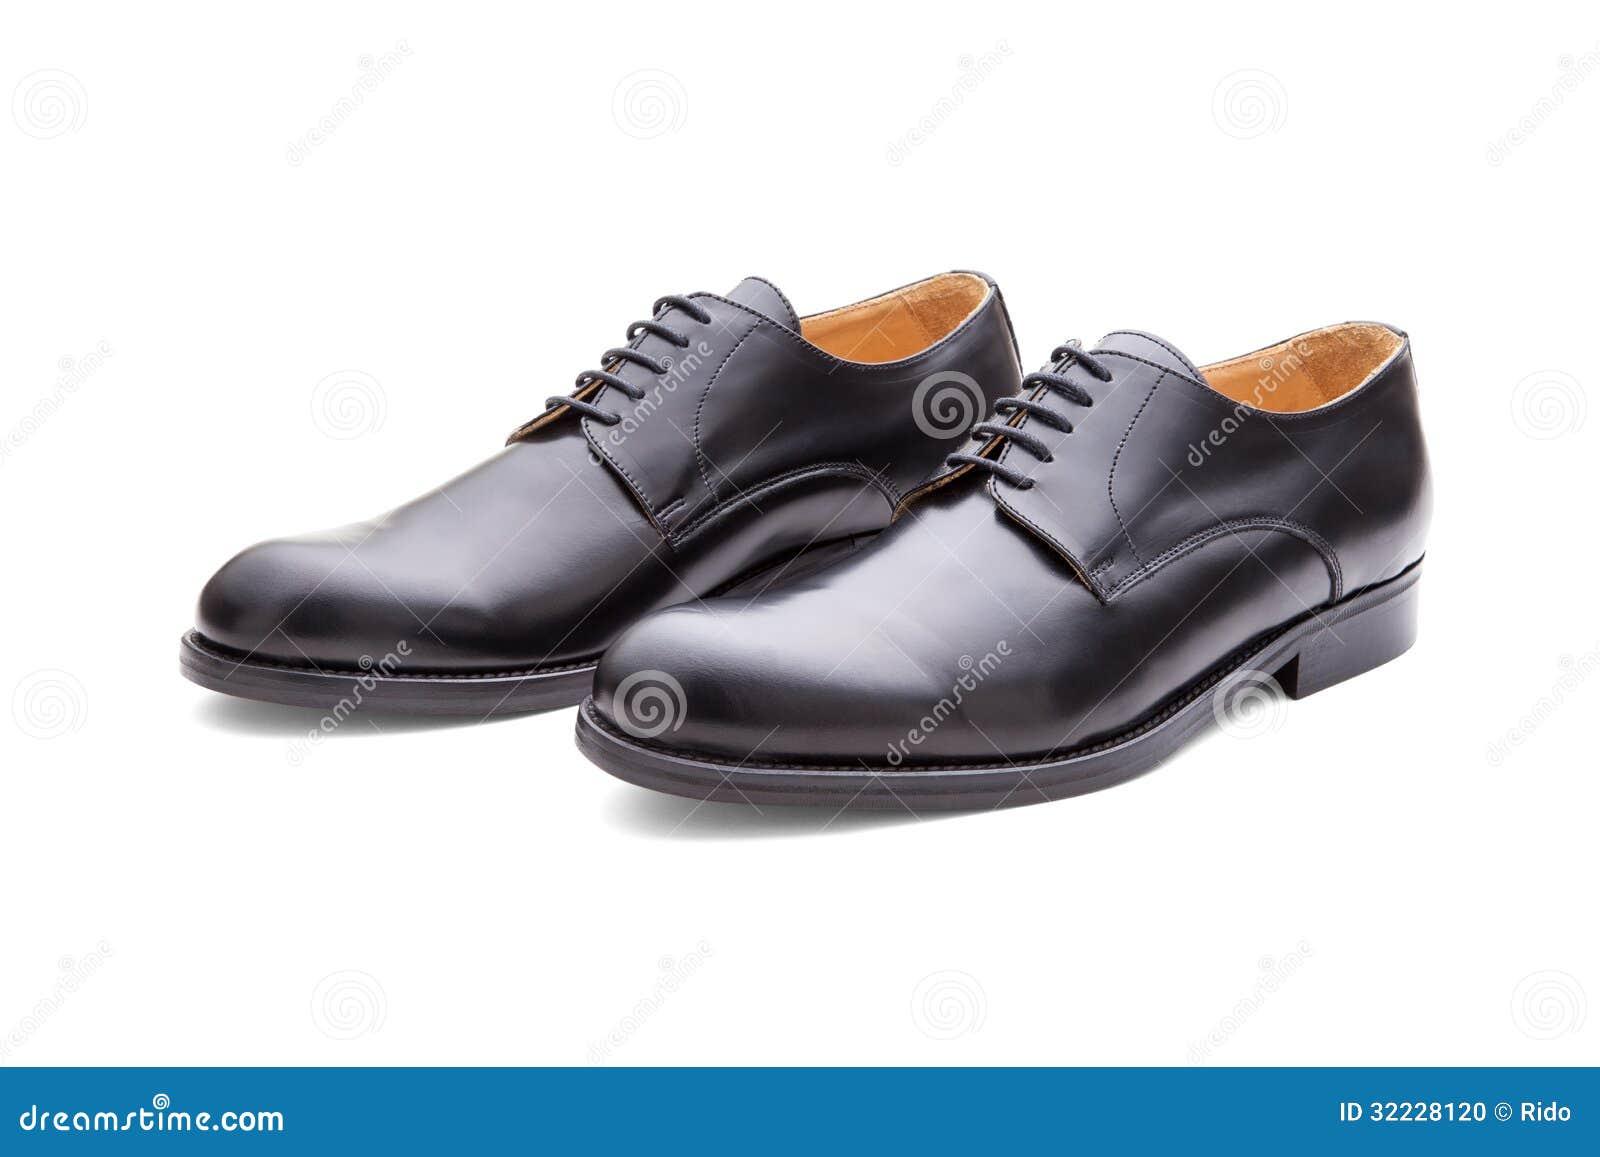 a753967bf2 Zapatos Negros Clásicos Para Los Hombres Foto de archivo - Imagen de ...